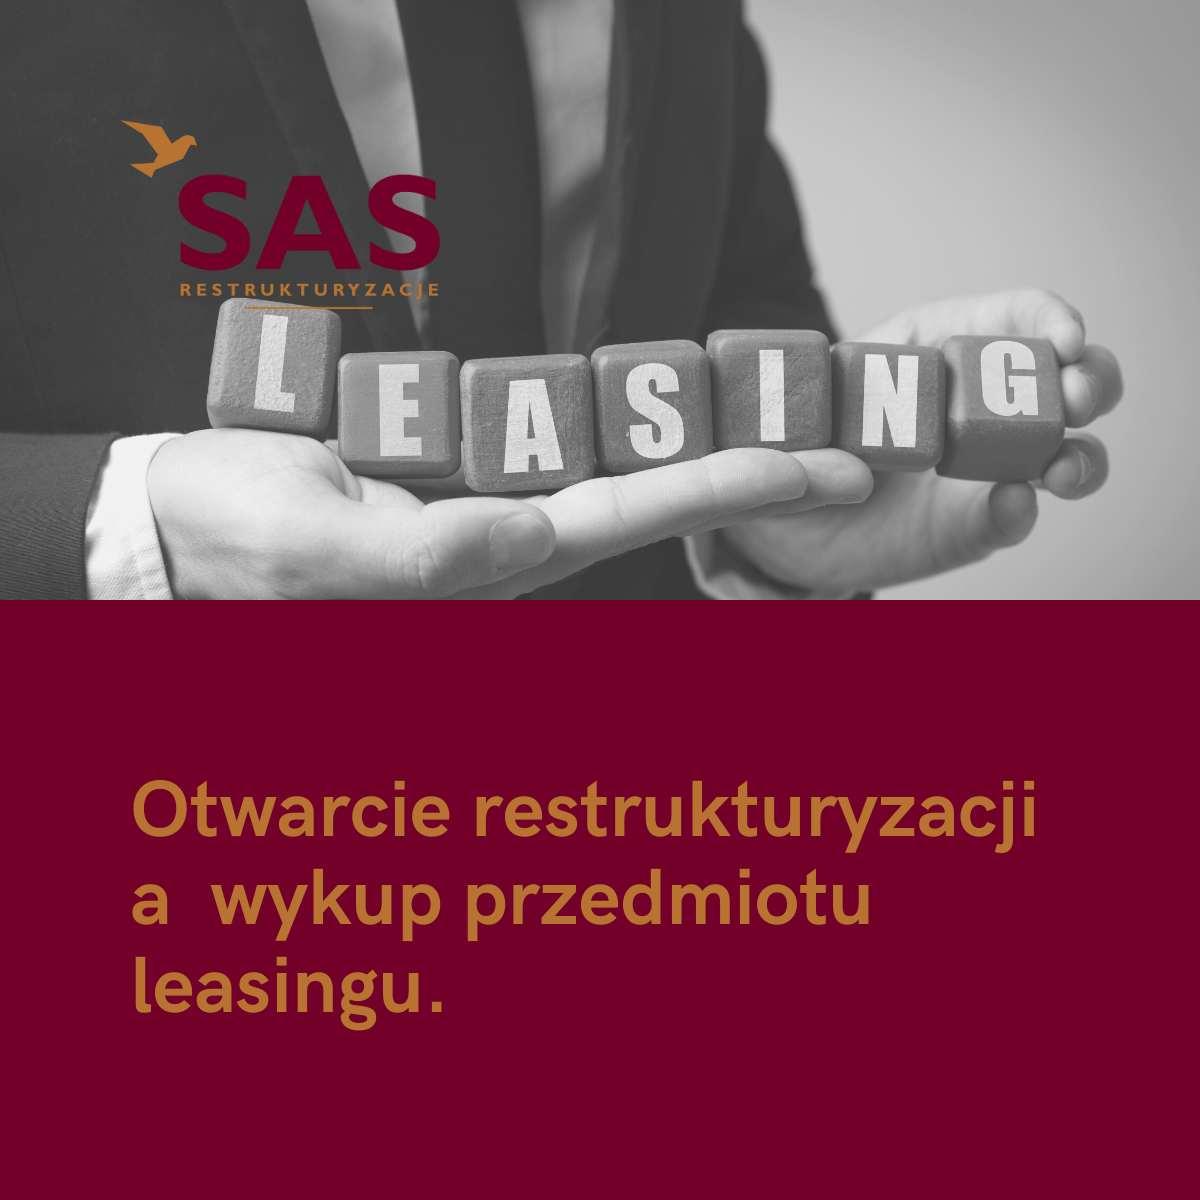 Restrukturyzacja a wykup przedmiotu leasingu